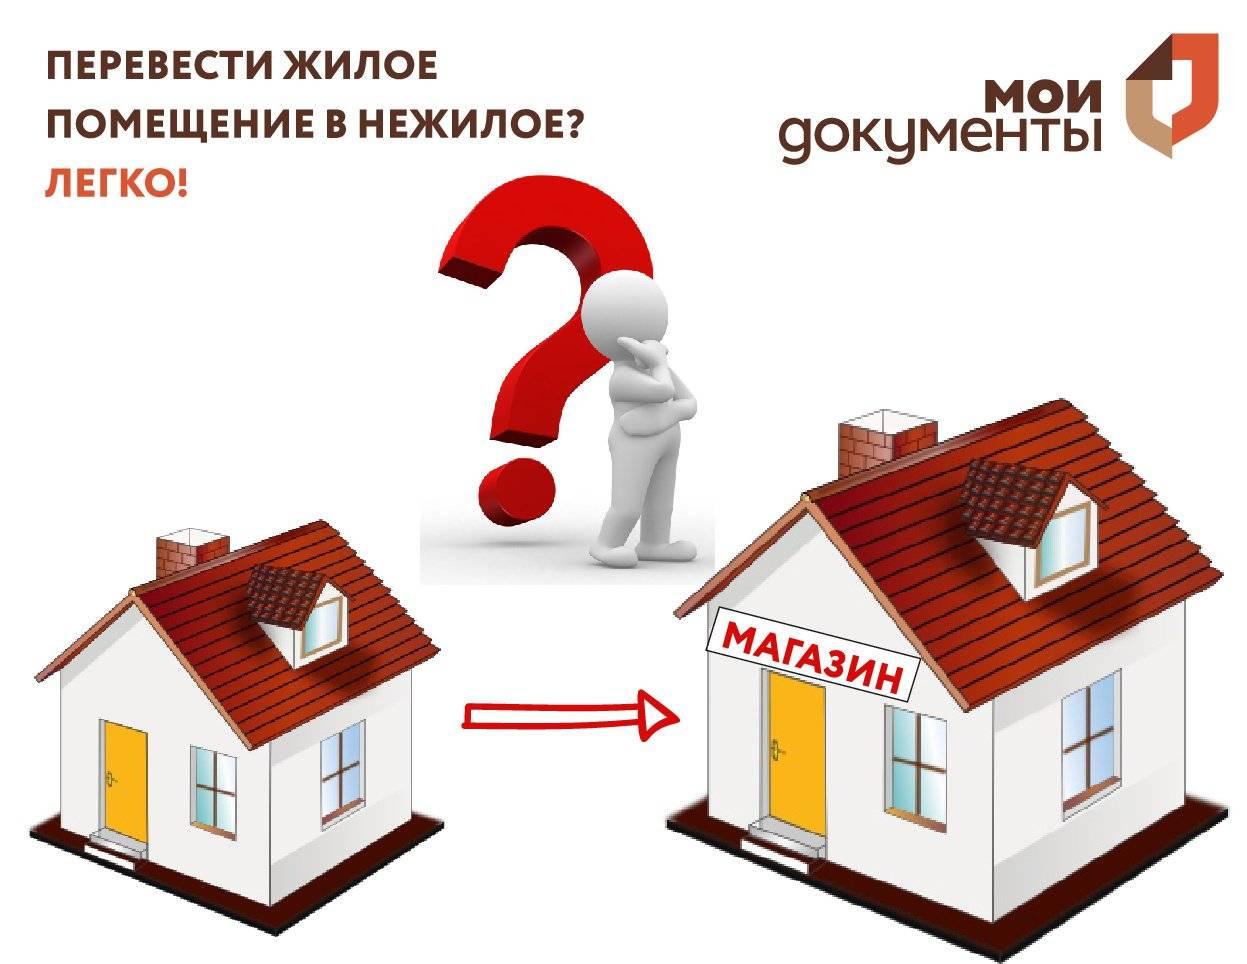 Перевод нежилого помещения в жилое: условия и перевода, как переоформить